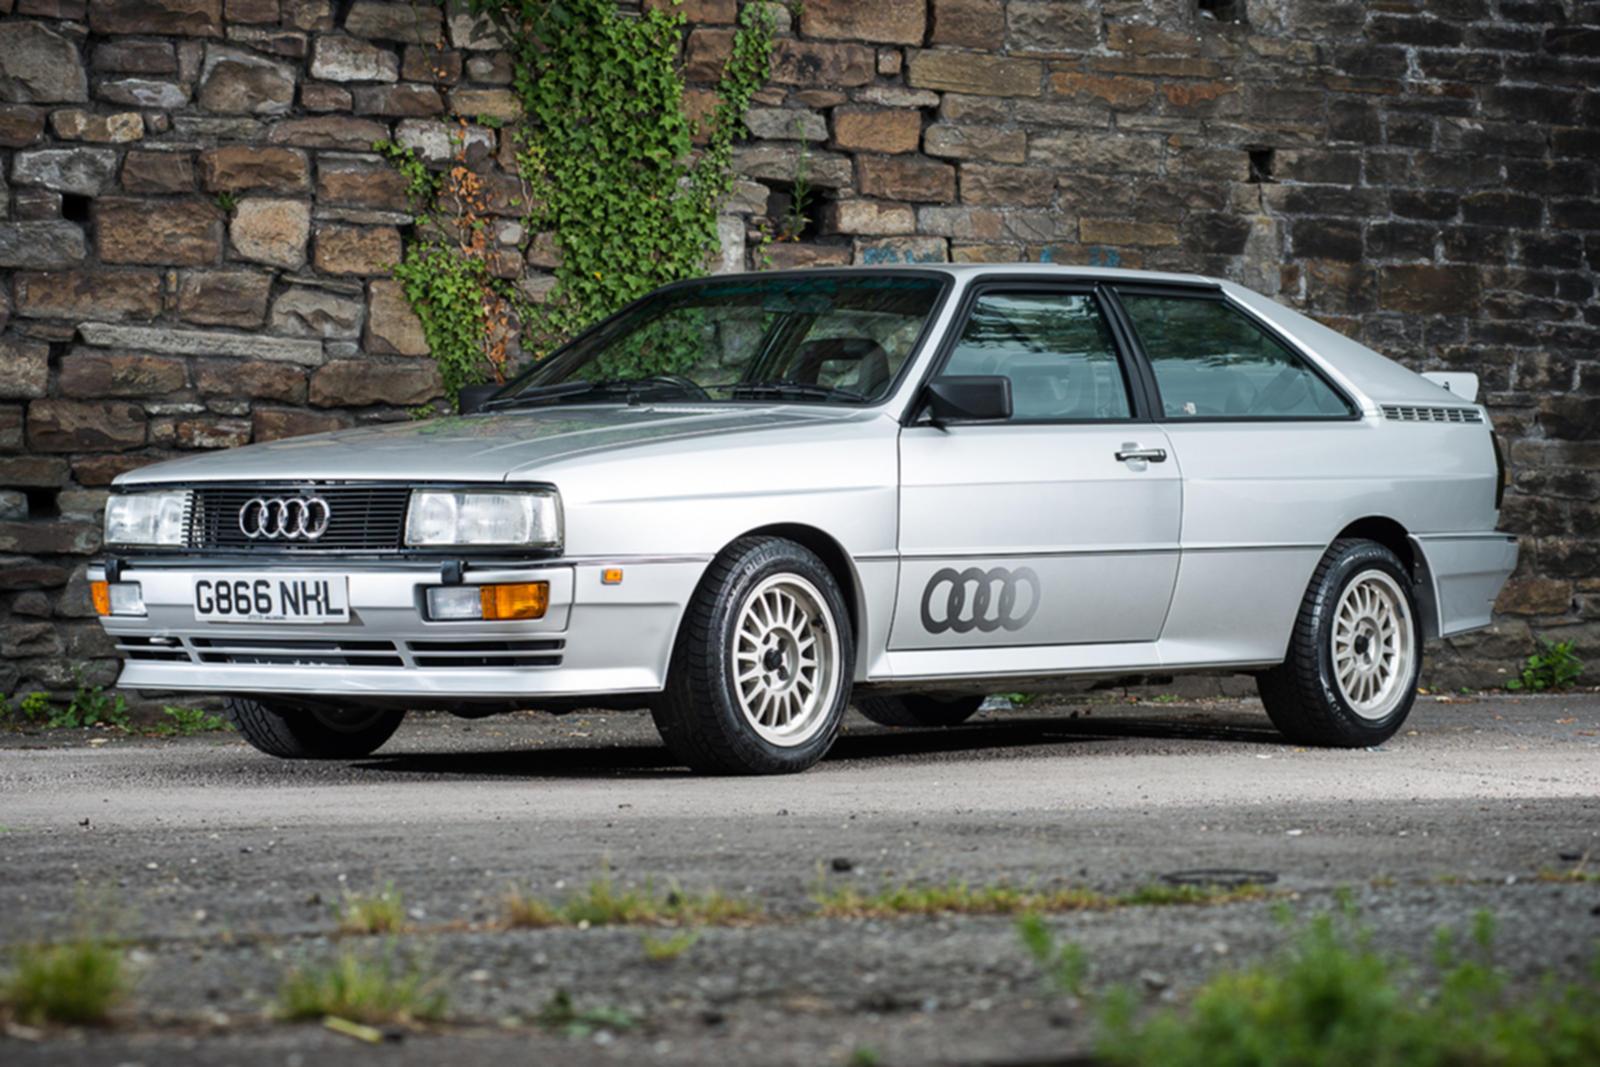 Xe Audi Quattro là tiên phong trong việc sử dụng dẫn động 4 bánh